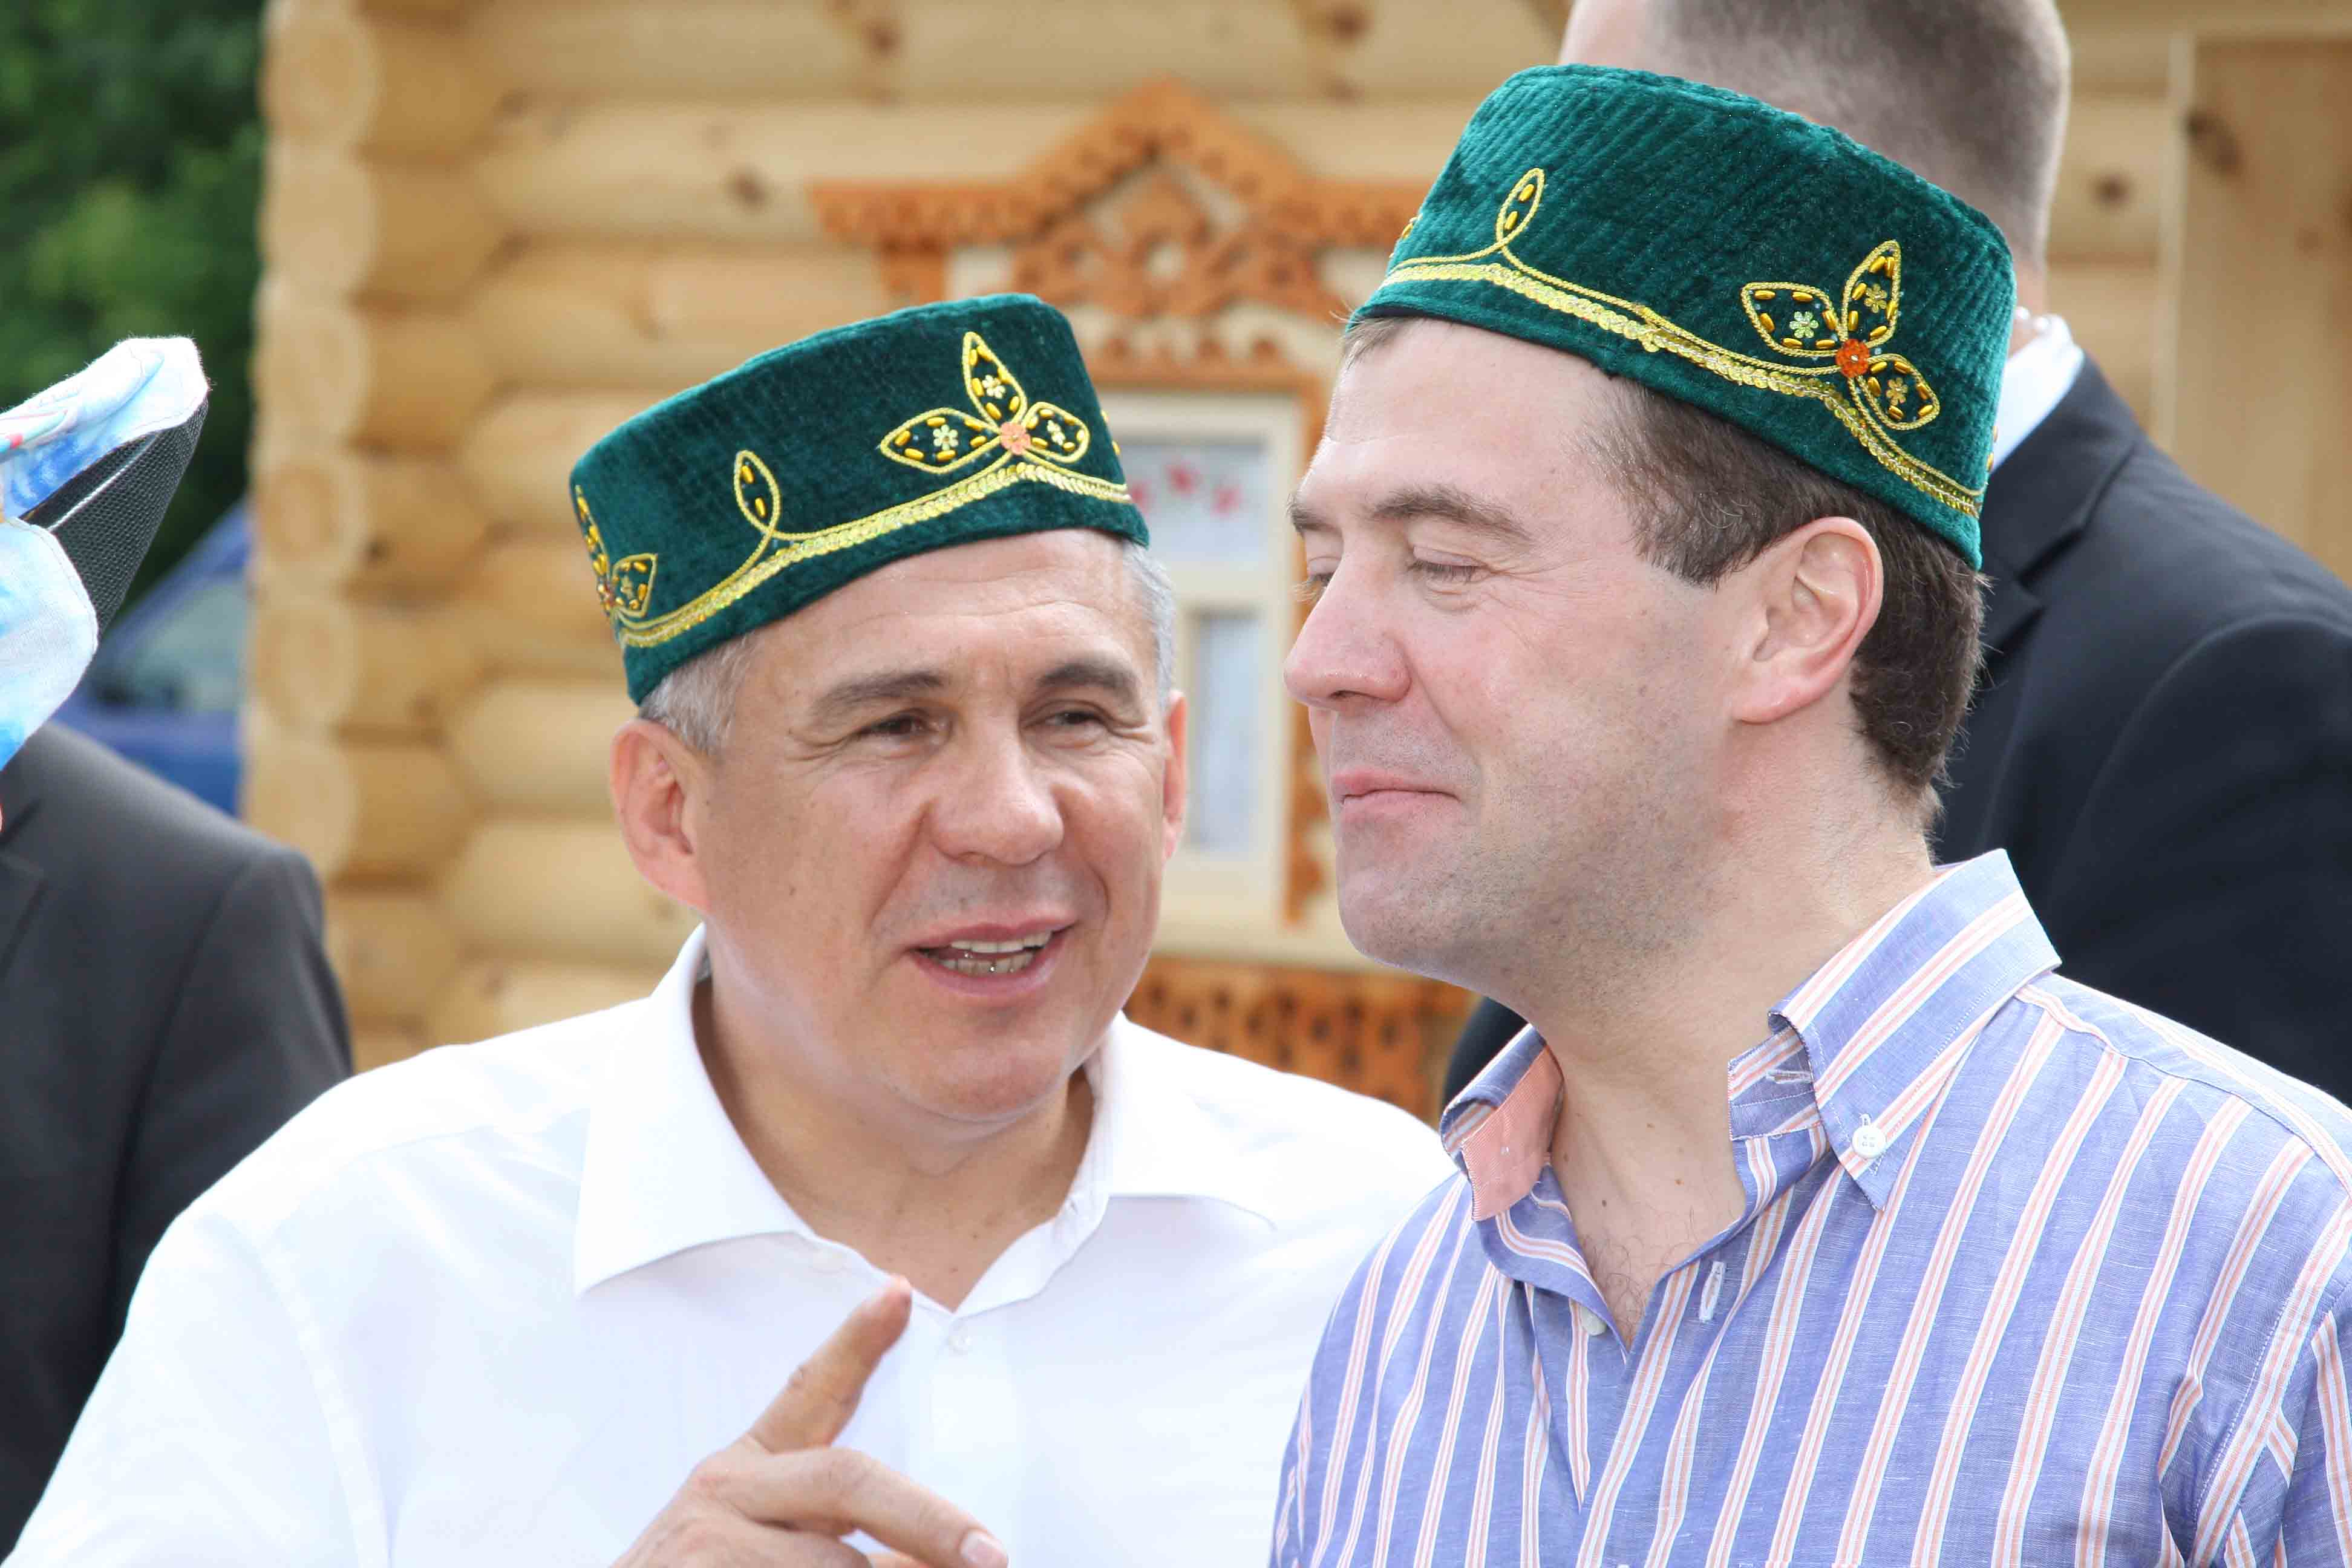 Медведев предложил включить Минниханова в список «Единой России» на выборах в Госдуму